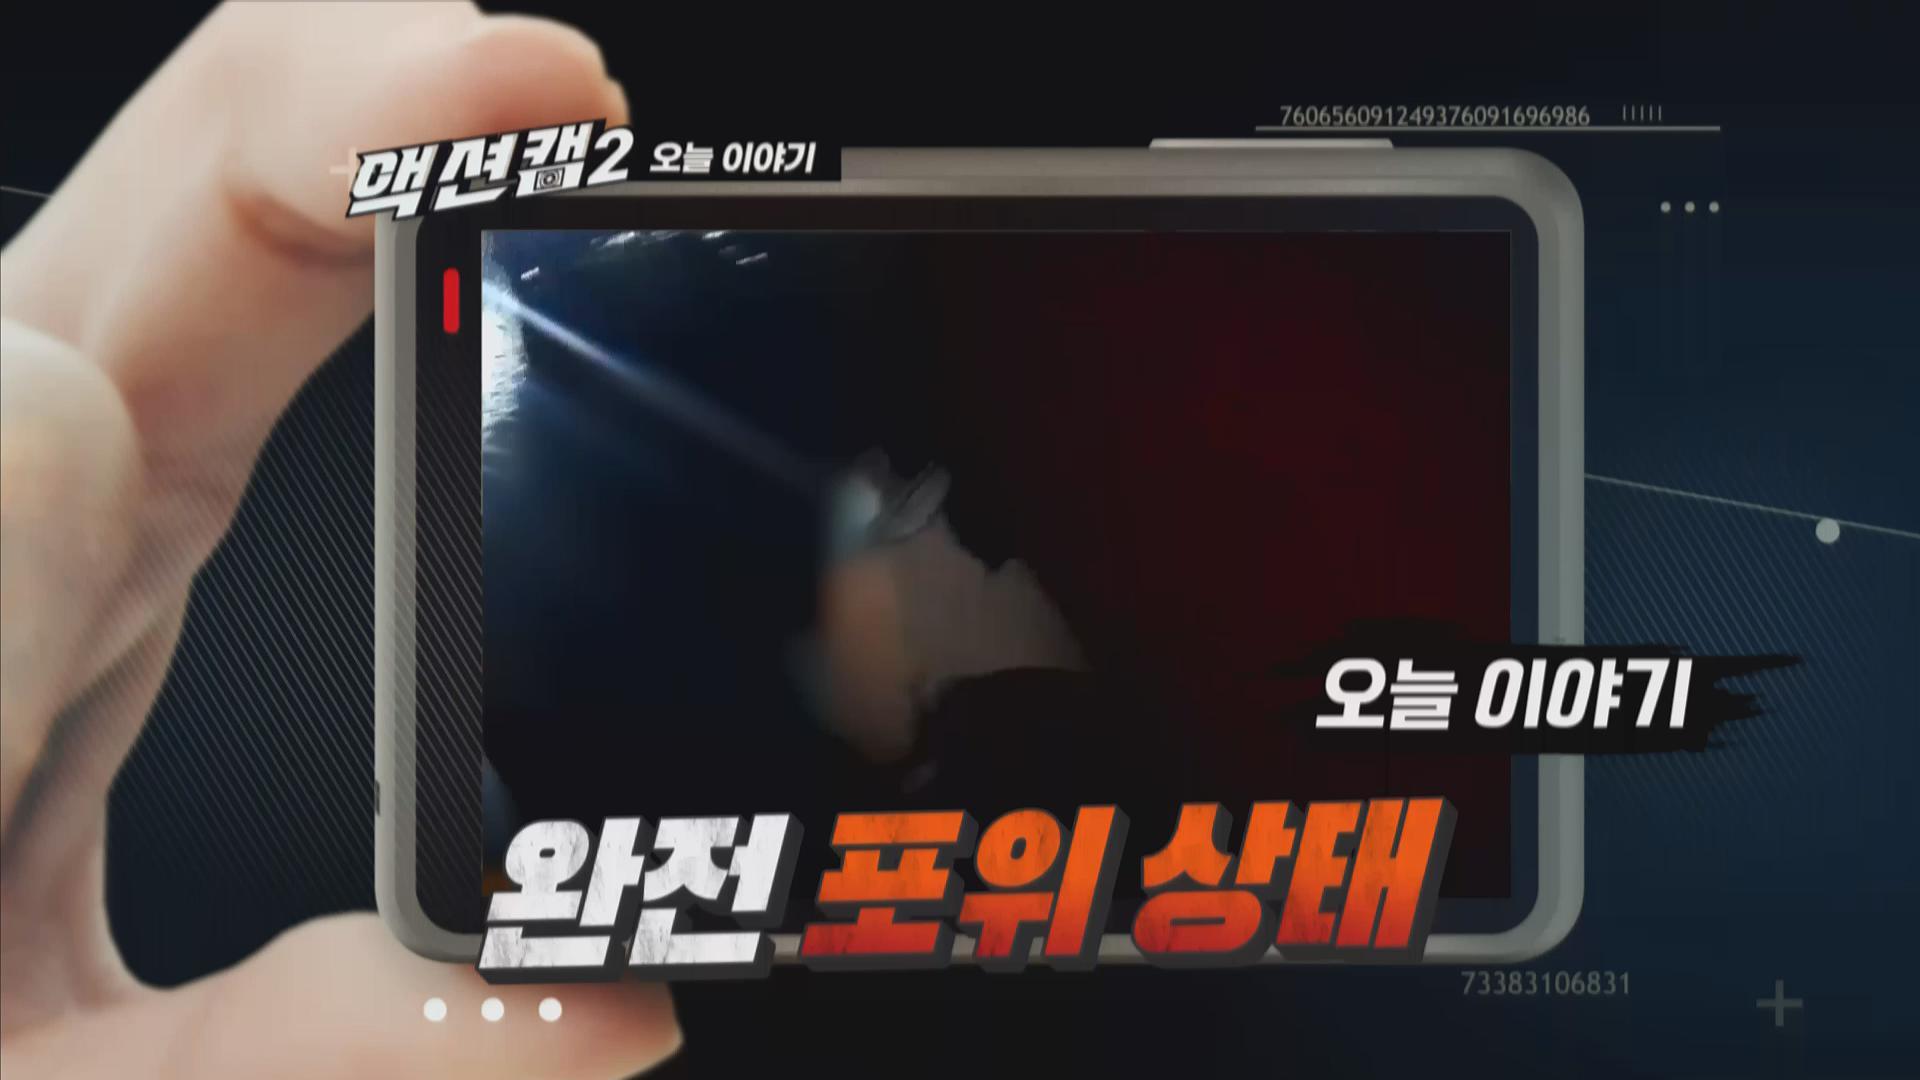 [방송용] 210828 액션캠 시즌2 3화_MPEG2-PS 1080i 50Mbps_1-0001330.jpg